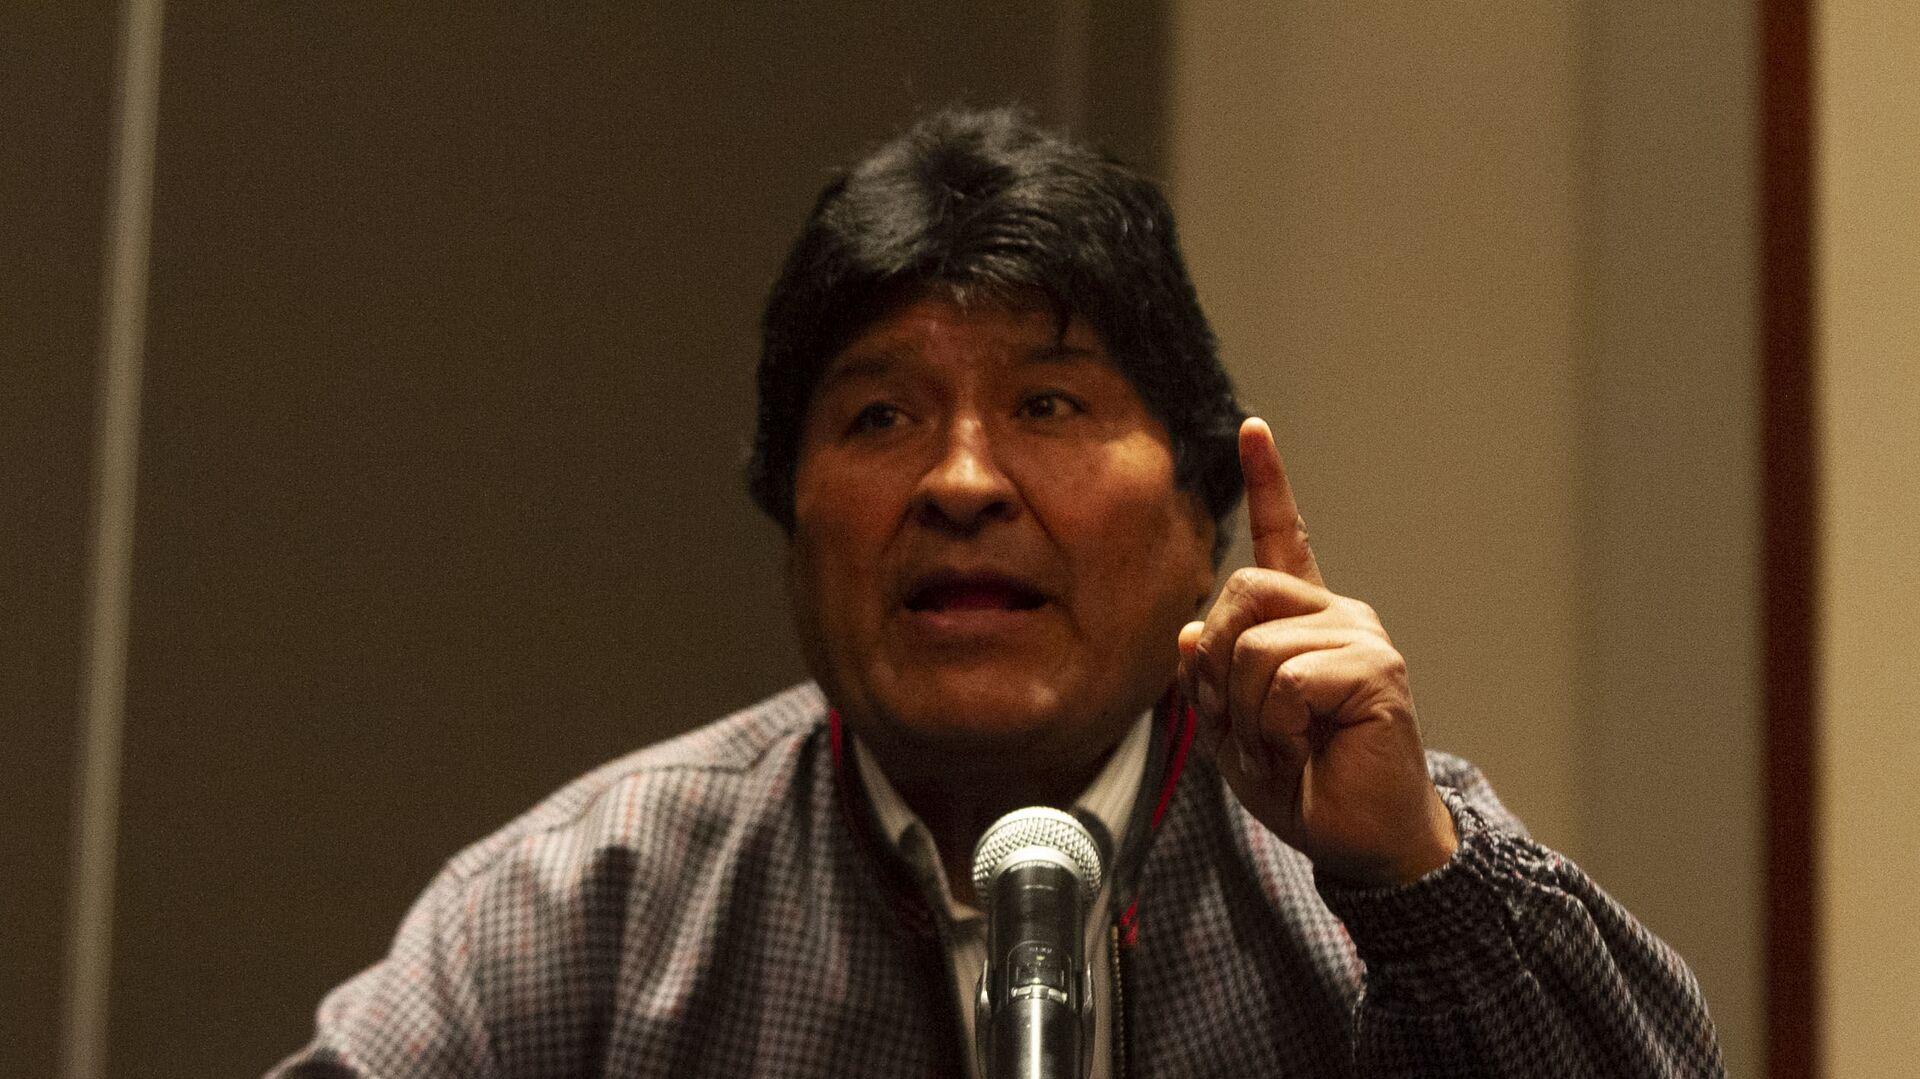 Evo Morales ofrece una rueda de prensa en la Ciudad de México, el 20 de noviembre de 2019 - Sputnik Mundo, 1920, 30.08.2021